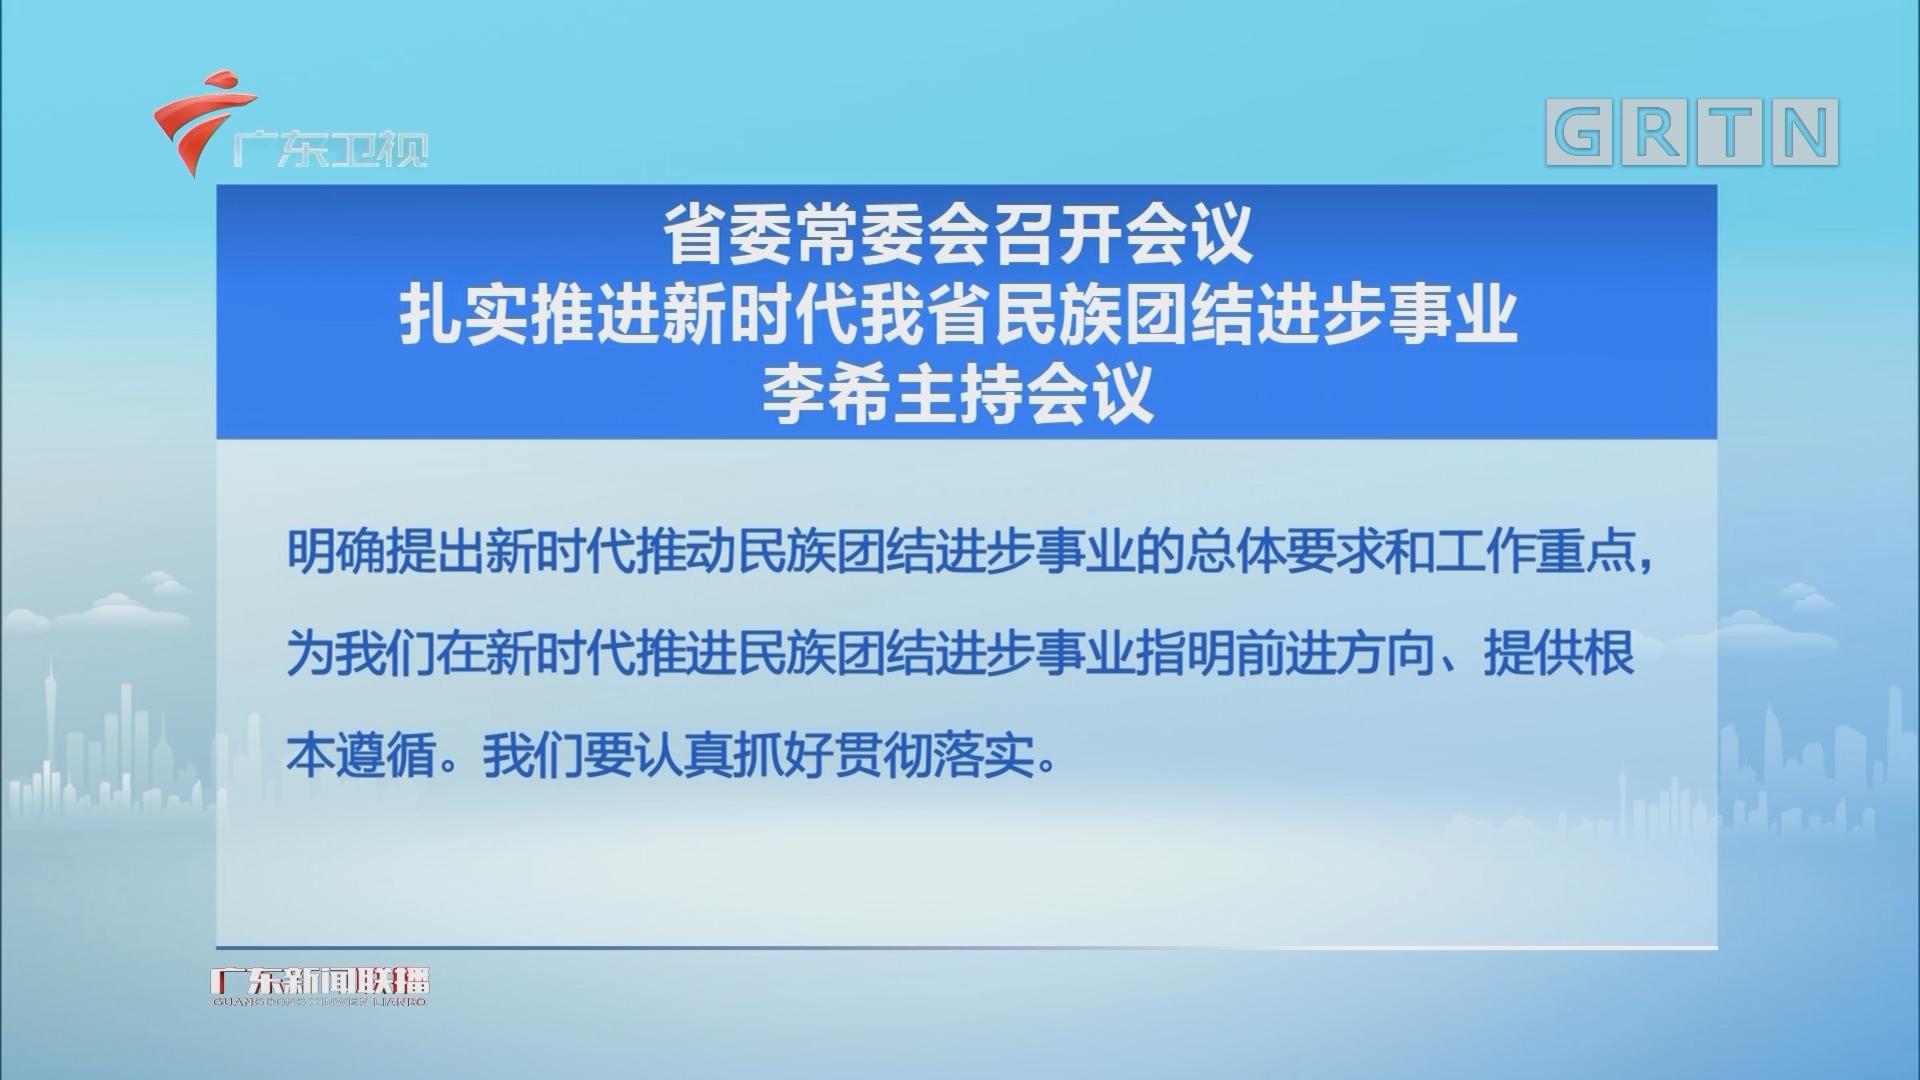 省委常委会召开会议 扎实推进新时代我省民族团结进步事业 李希主持会议